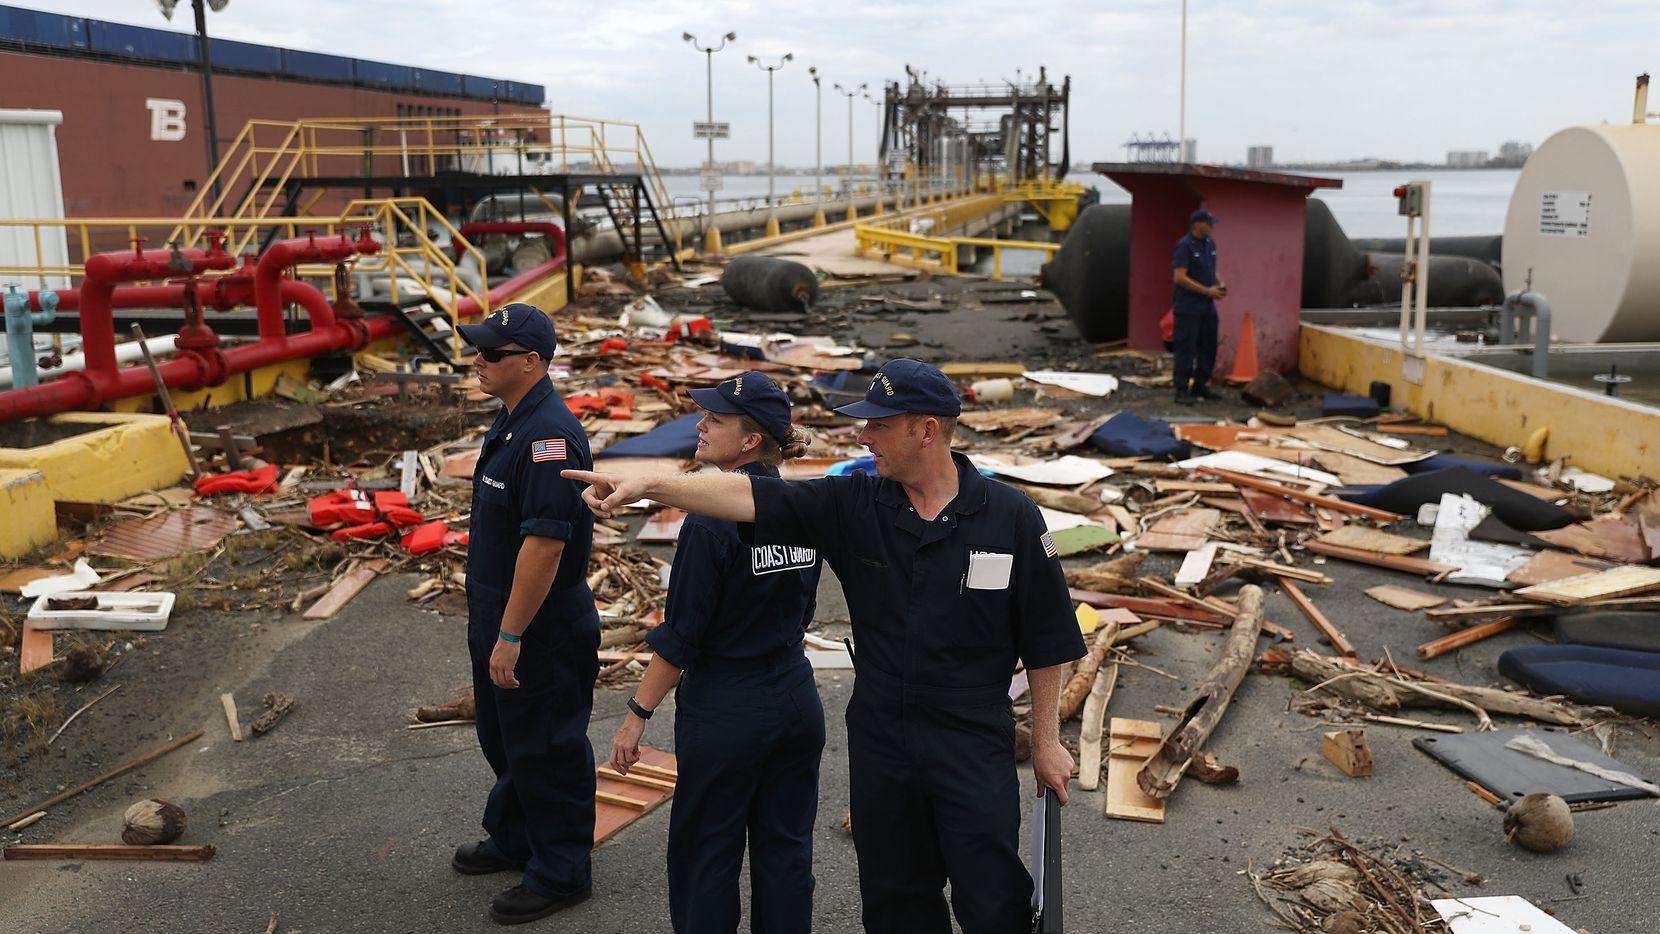 Personal del U.S. Coast Guard examina los daños en San Juan, Puerto Rico tras el Huracán María. Puerto Rico.GETTY IMAGES.